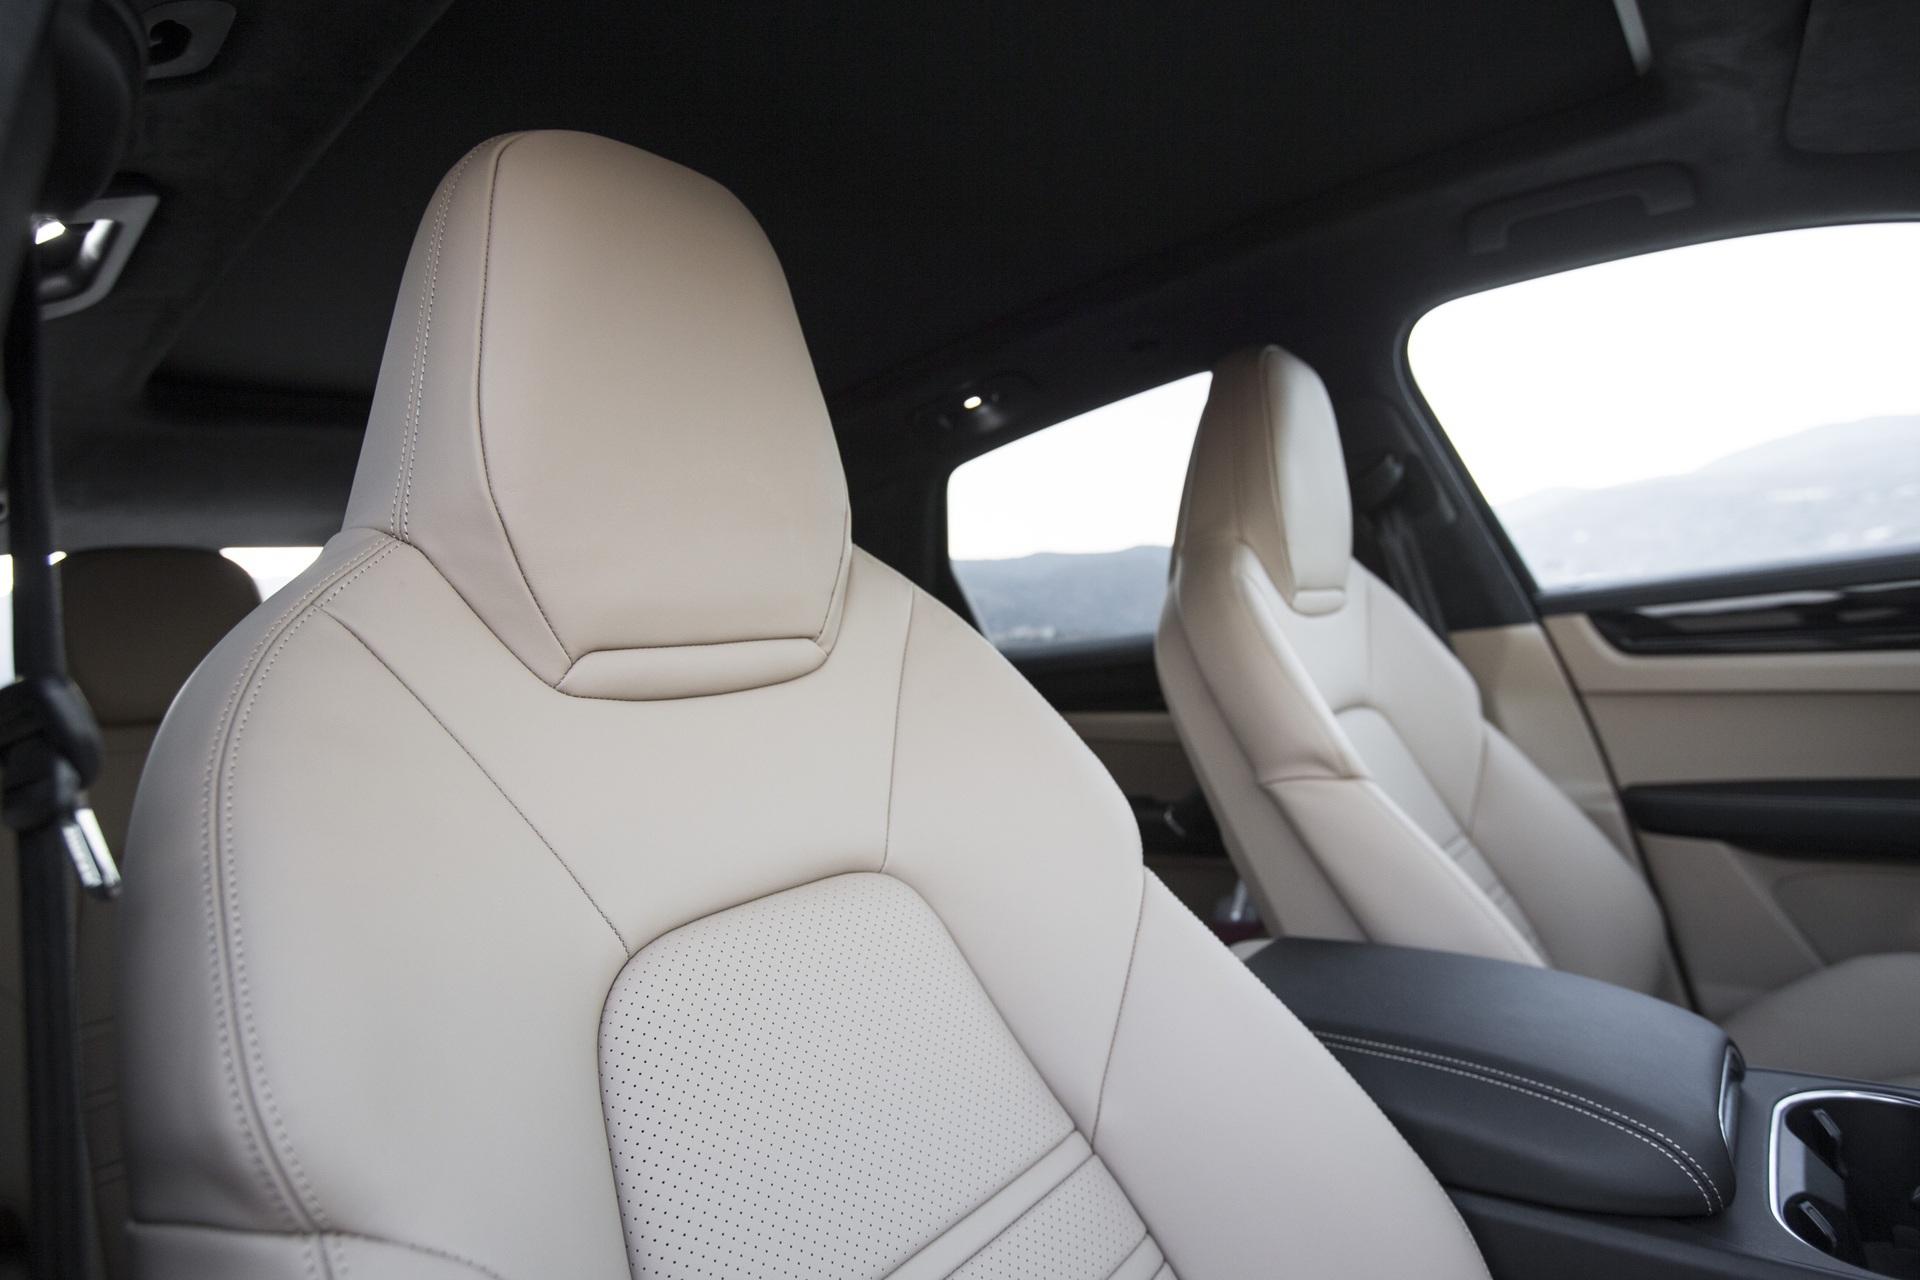 Test_Drive_Porsche_Cayenne_314